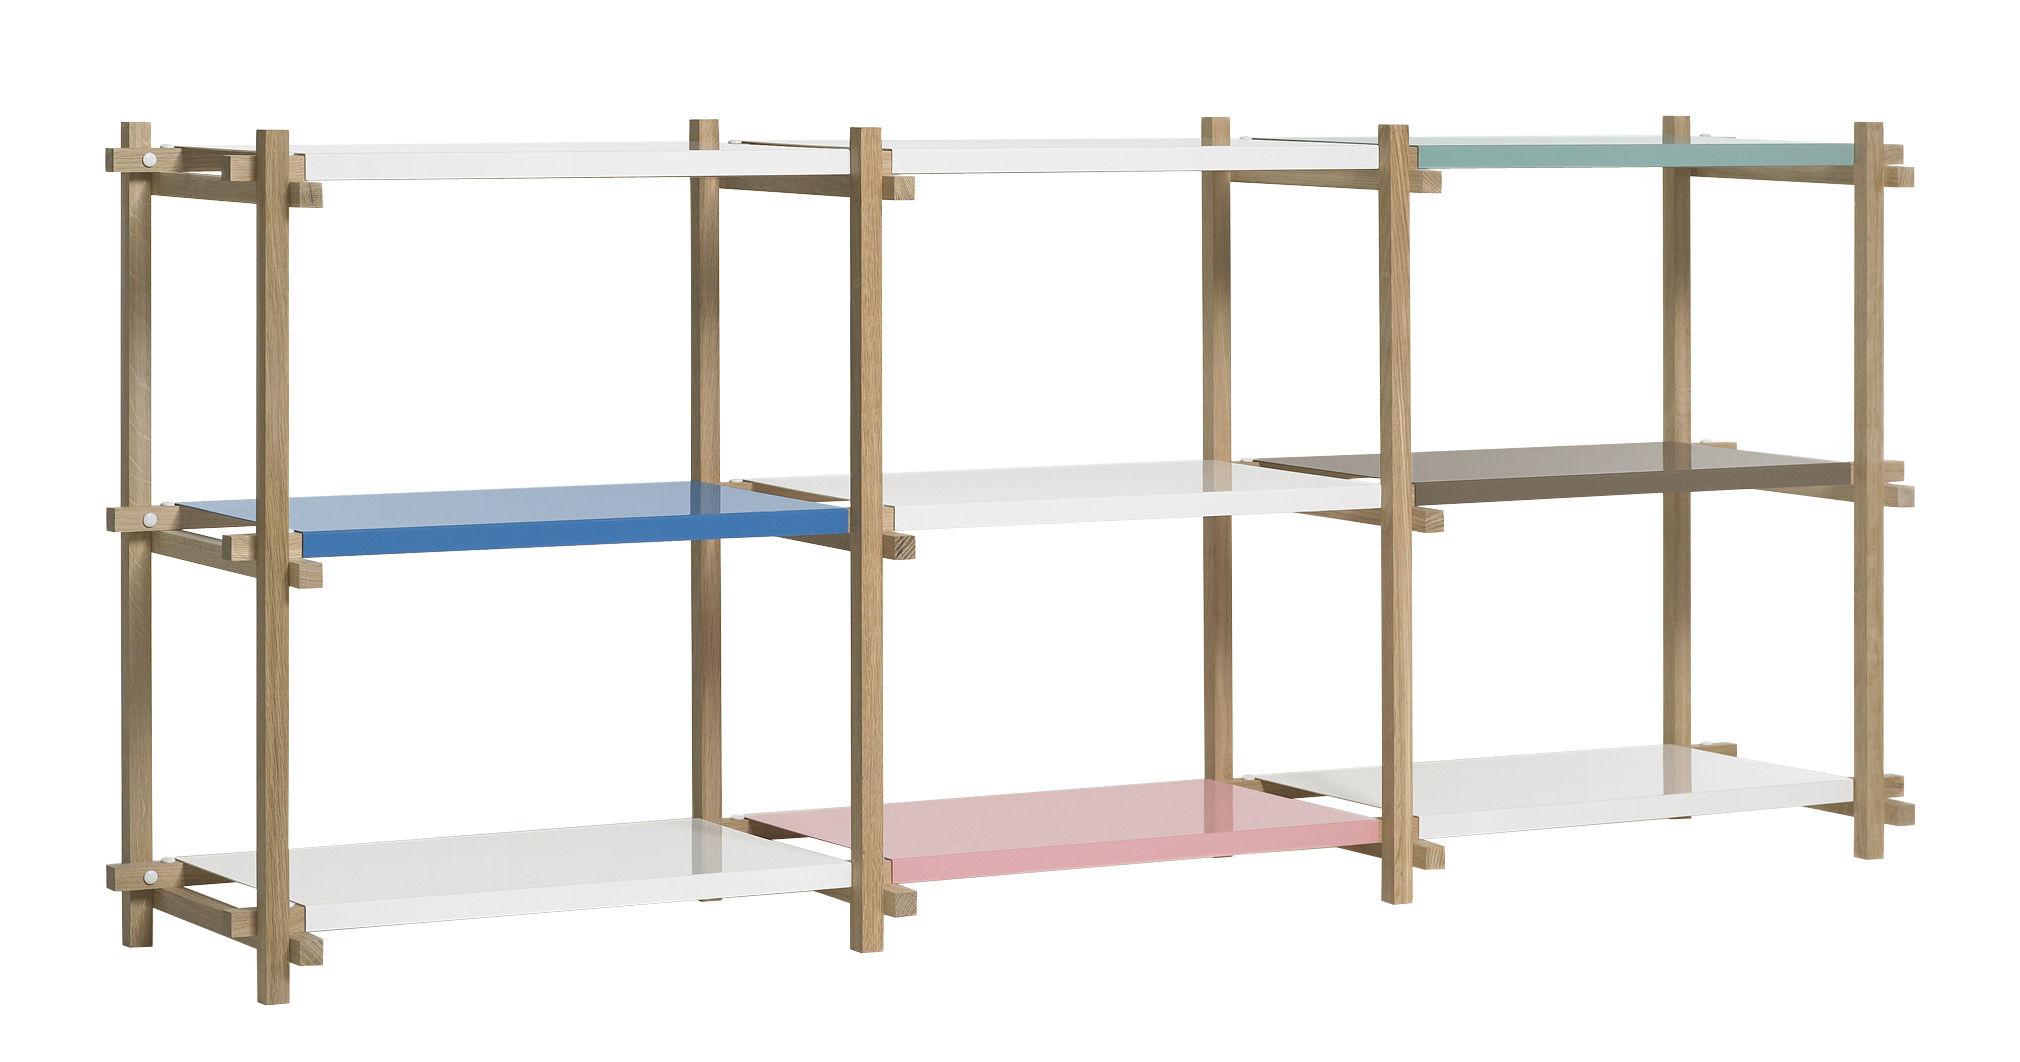 Arredamento - Scaffali e librerie - Scaffale Woody low - L 206 x A 85 cm di Hay - Rovere naturale / Scaffali multicolori - Acciaio laccato, Rovere massello